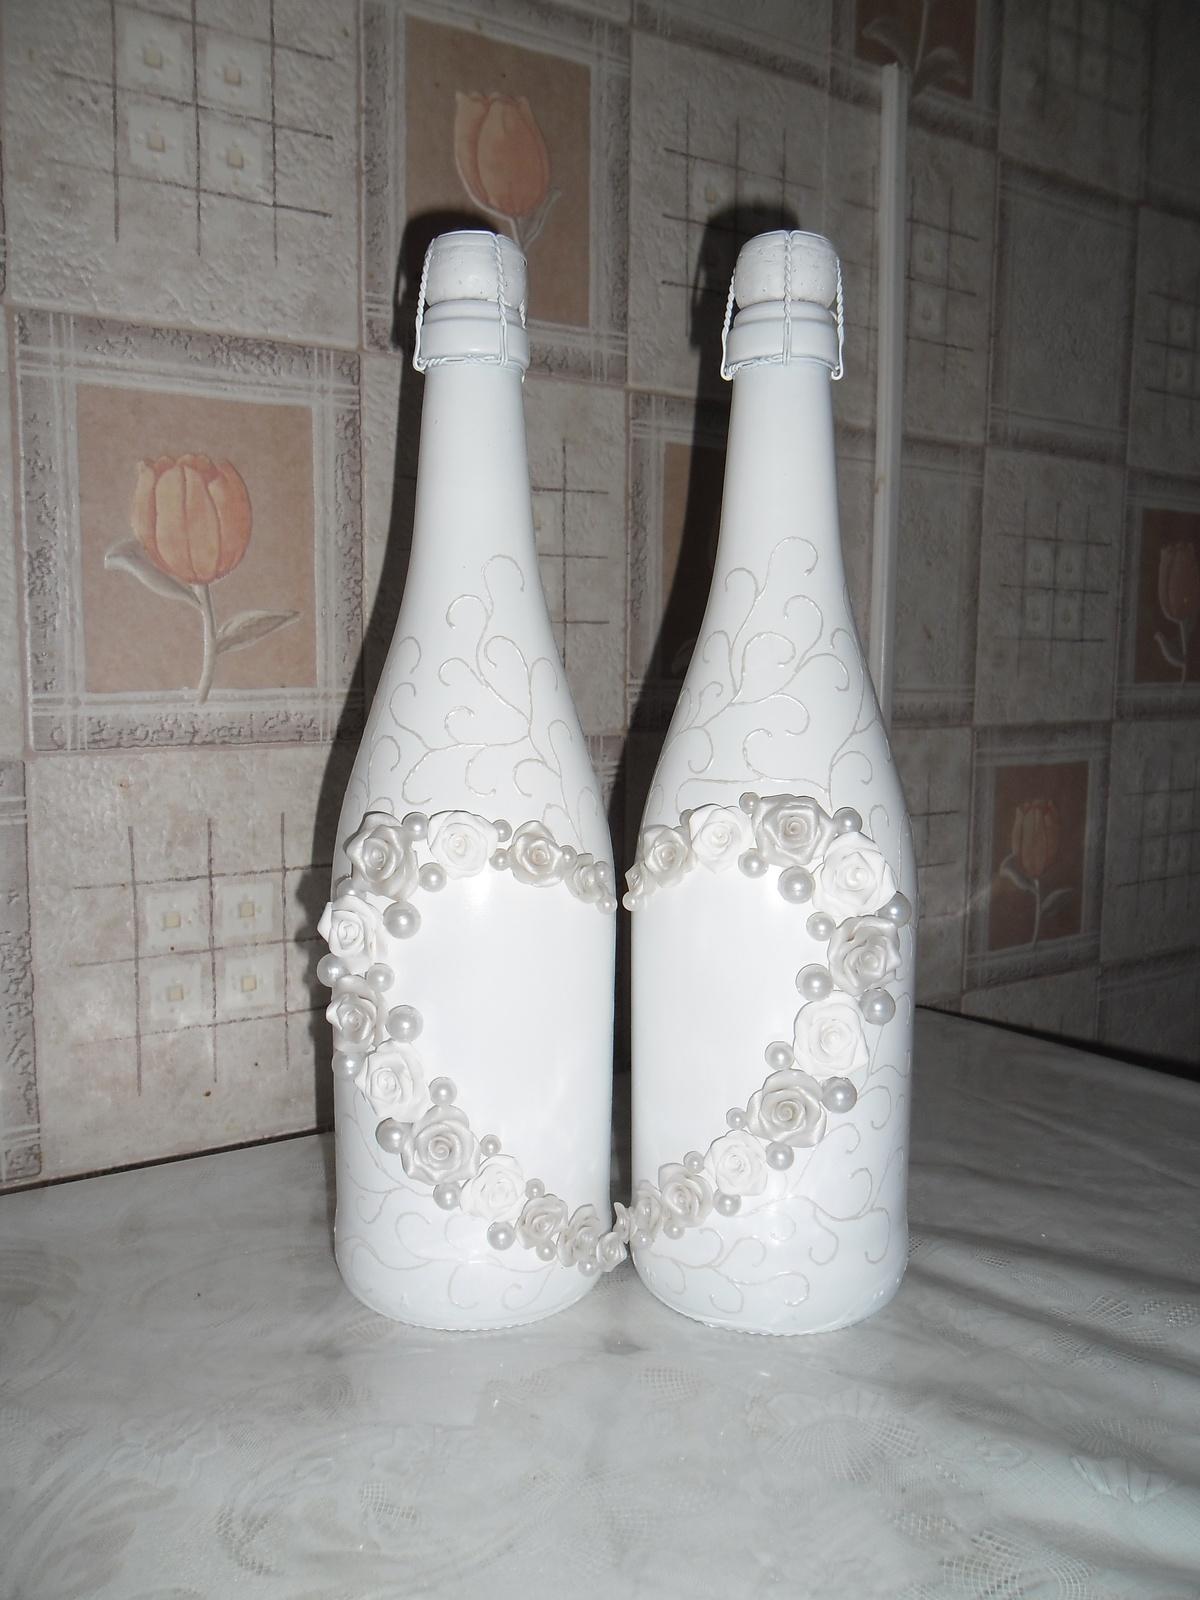 Украшать бутылки шампанского своими руками Украшаем бутылку